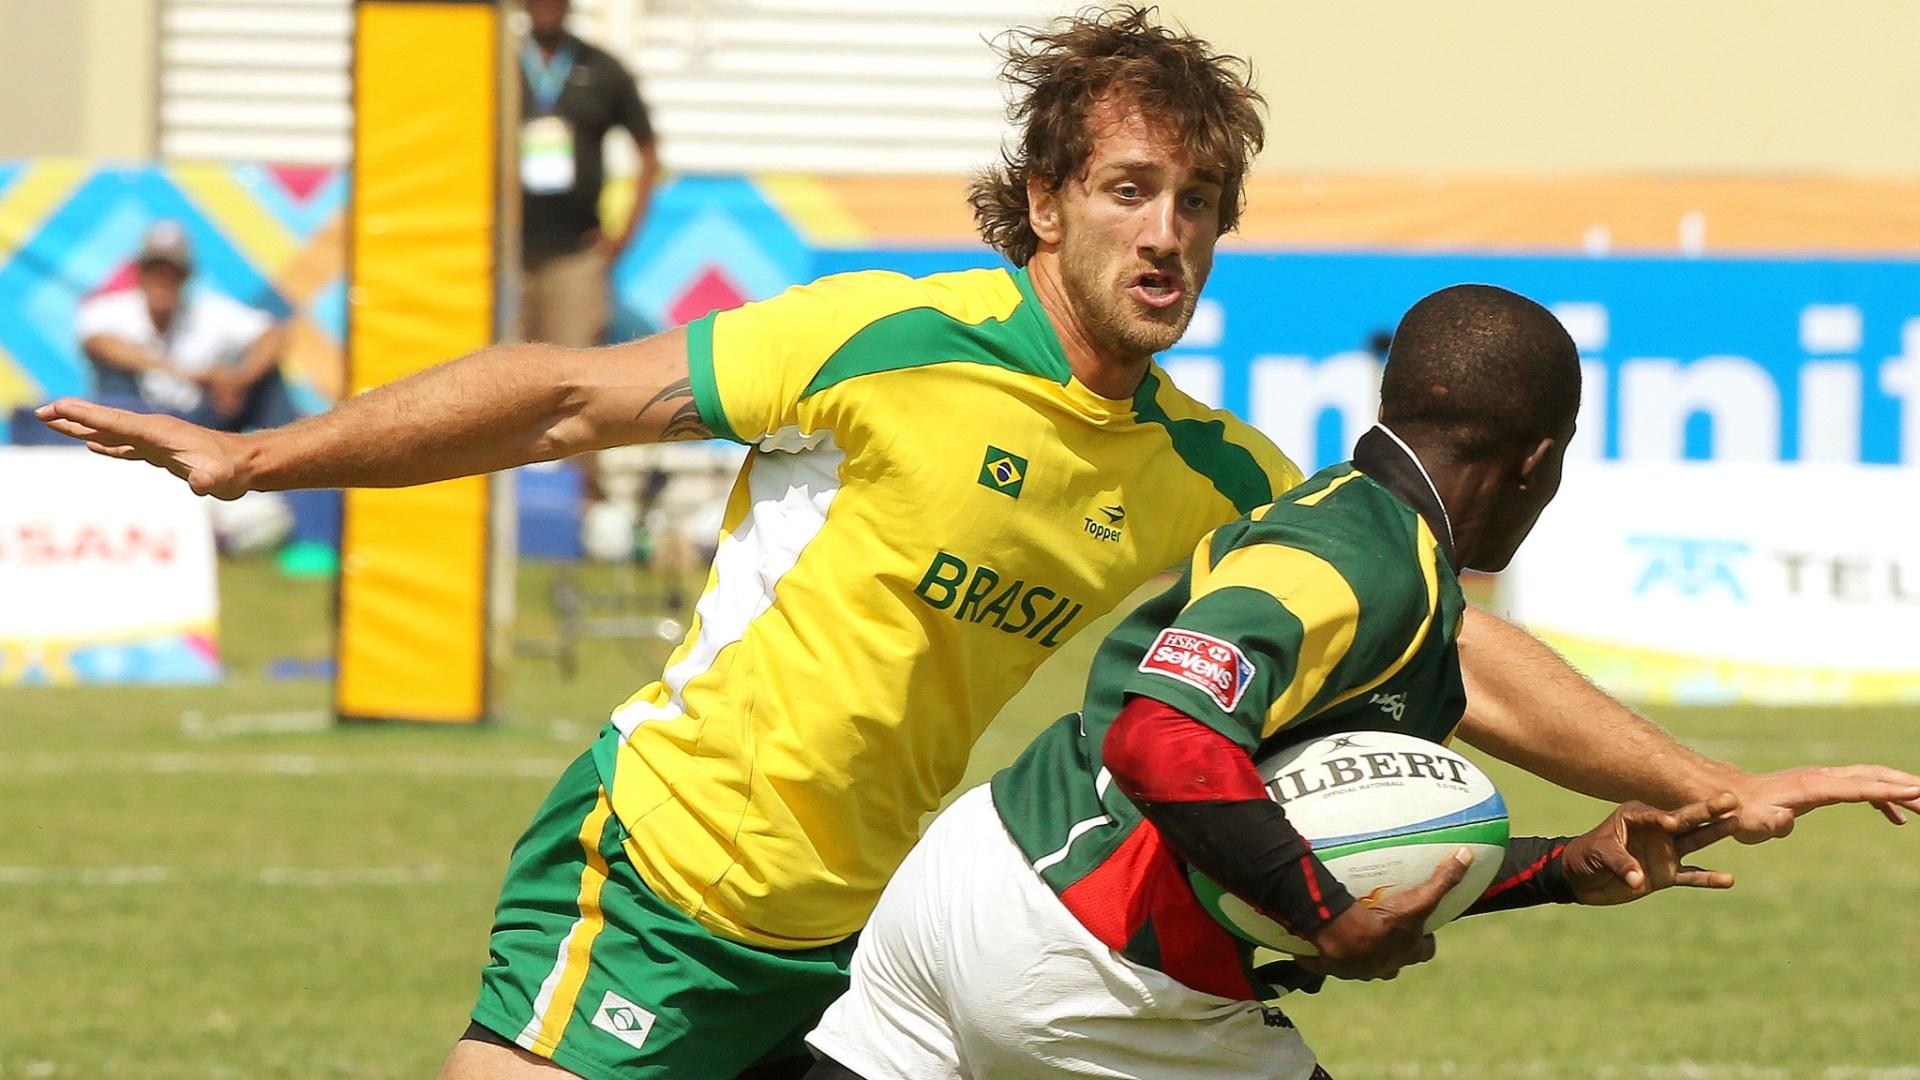 Brasileiro cerca jogador da Guiana no último jogo do rúgbi brasileiro no Pan; seleção ficou na sétima posição